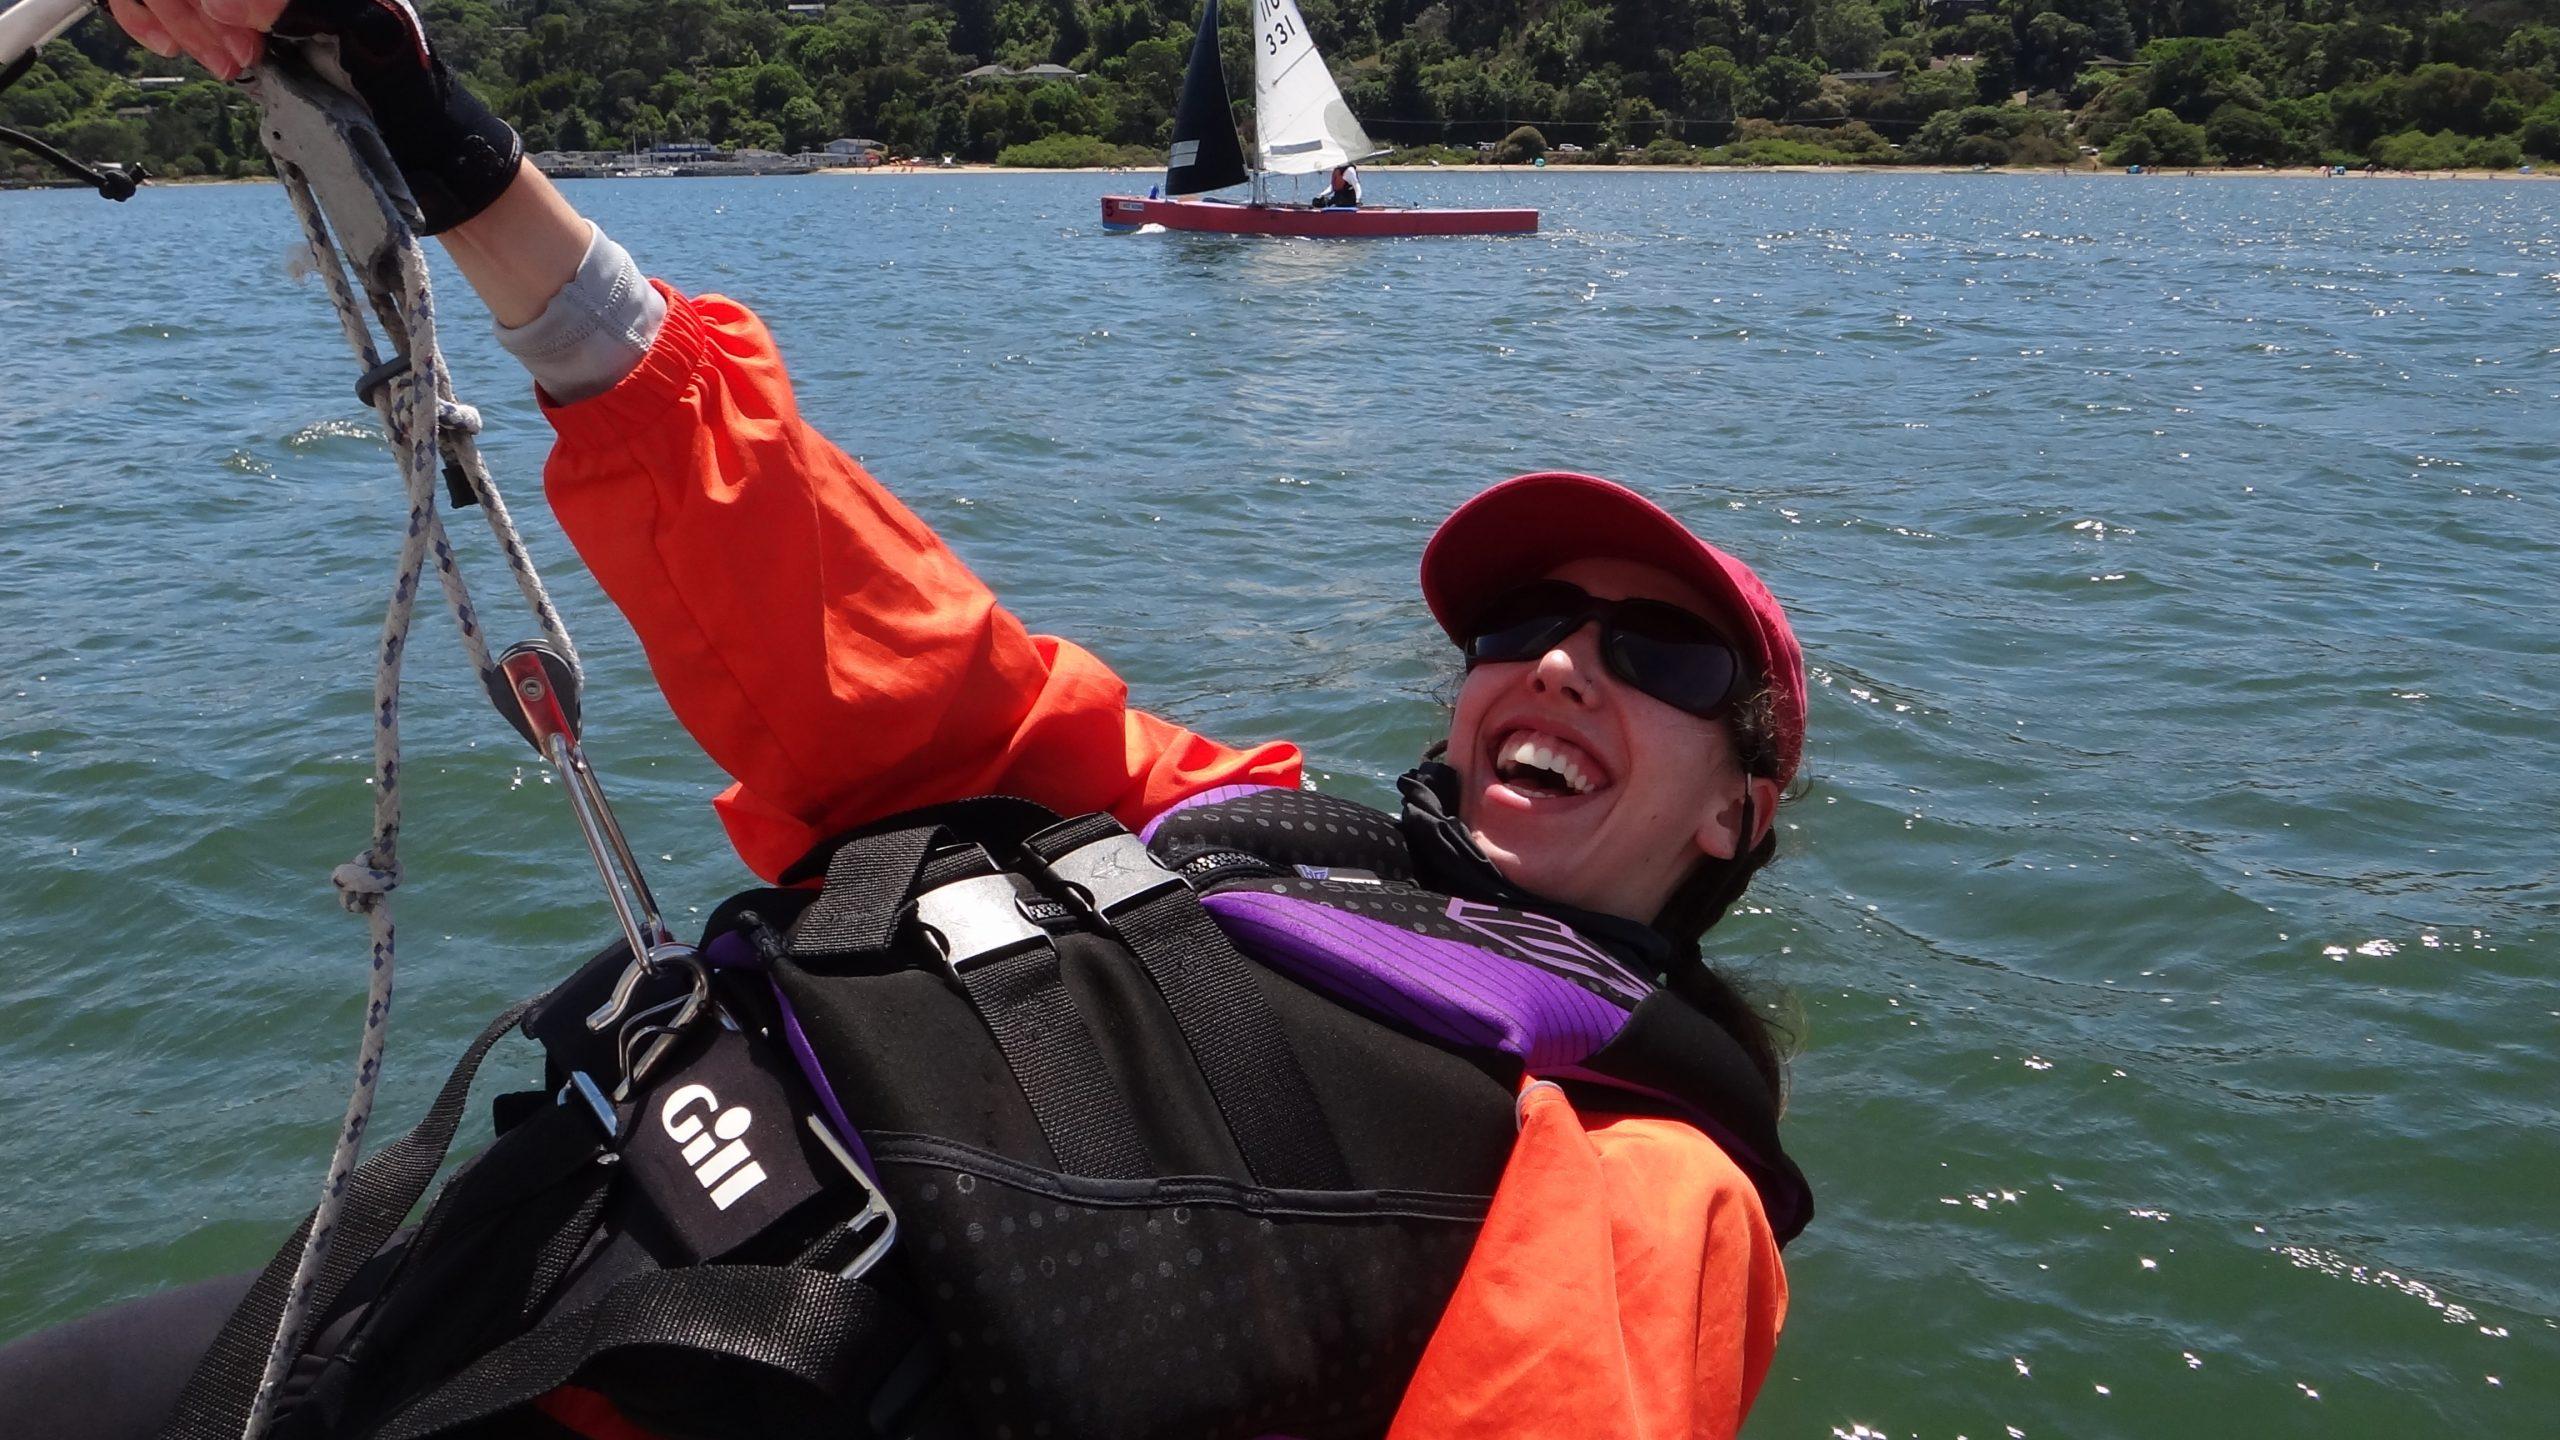 Naomi Sporer all smiles on the trapeze.